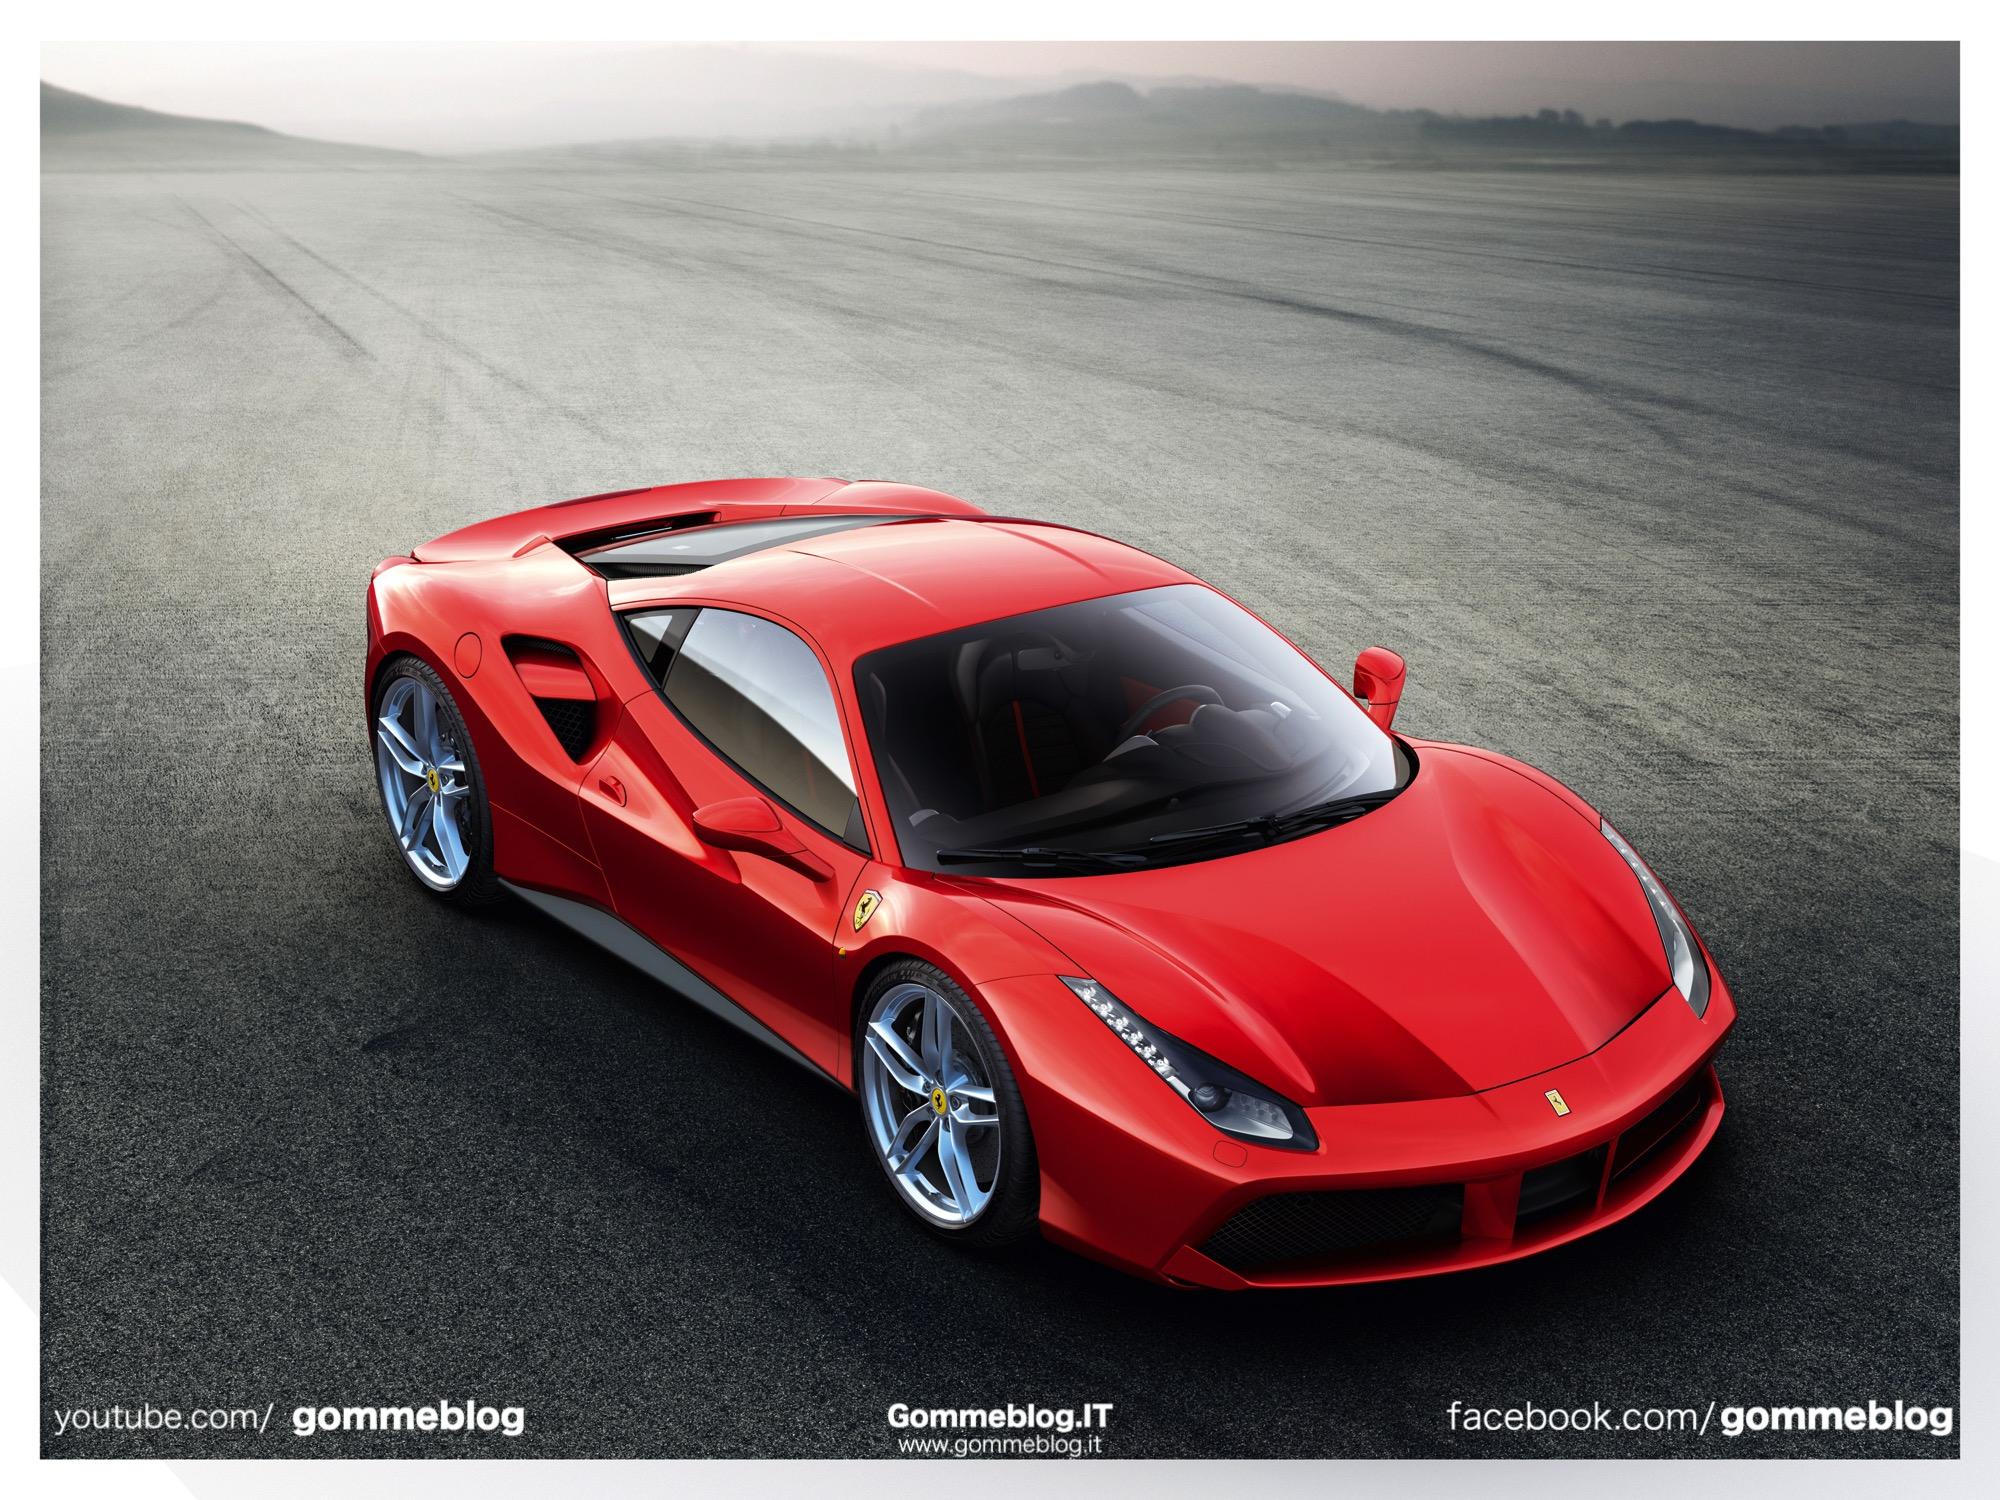 Ferrari 488 GTB: Nuova Supersportiva V8 Turbo da 670 CV